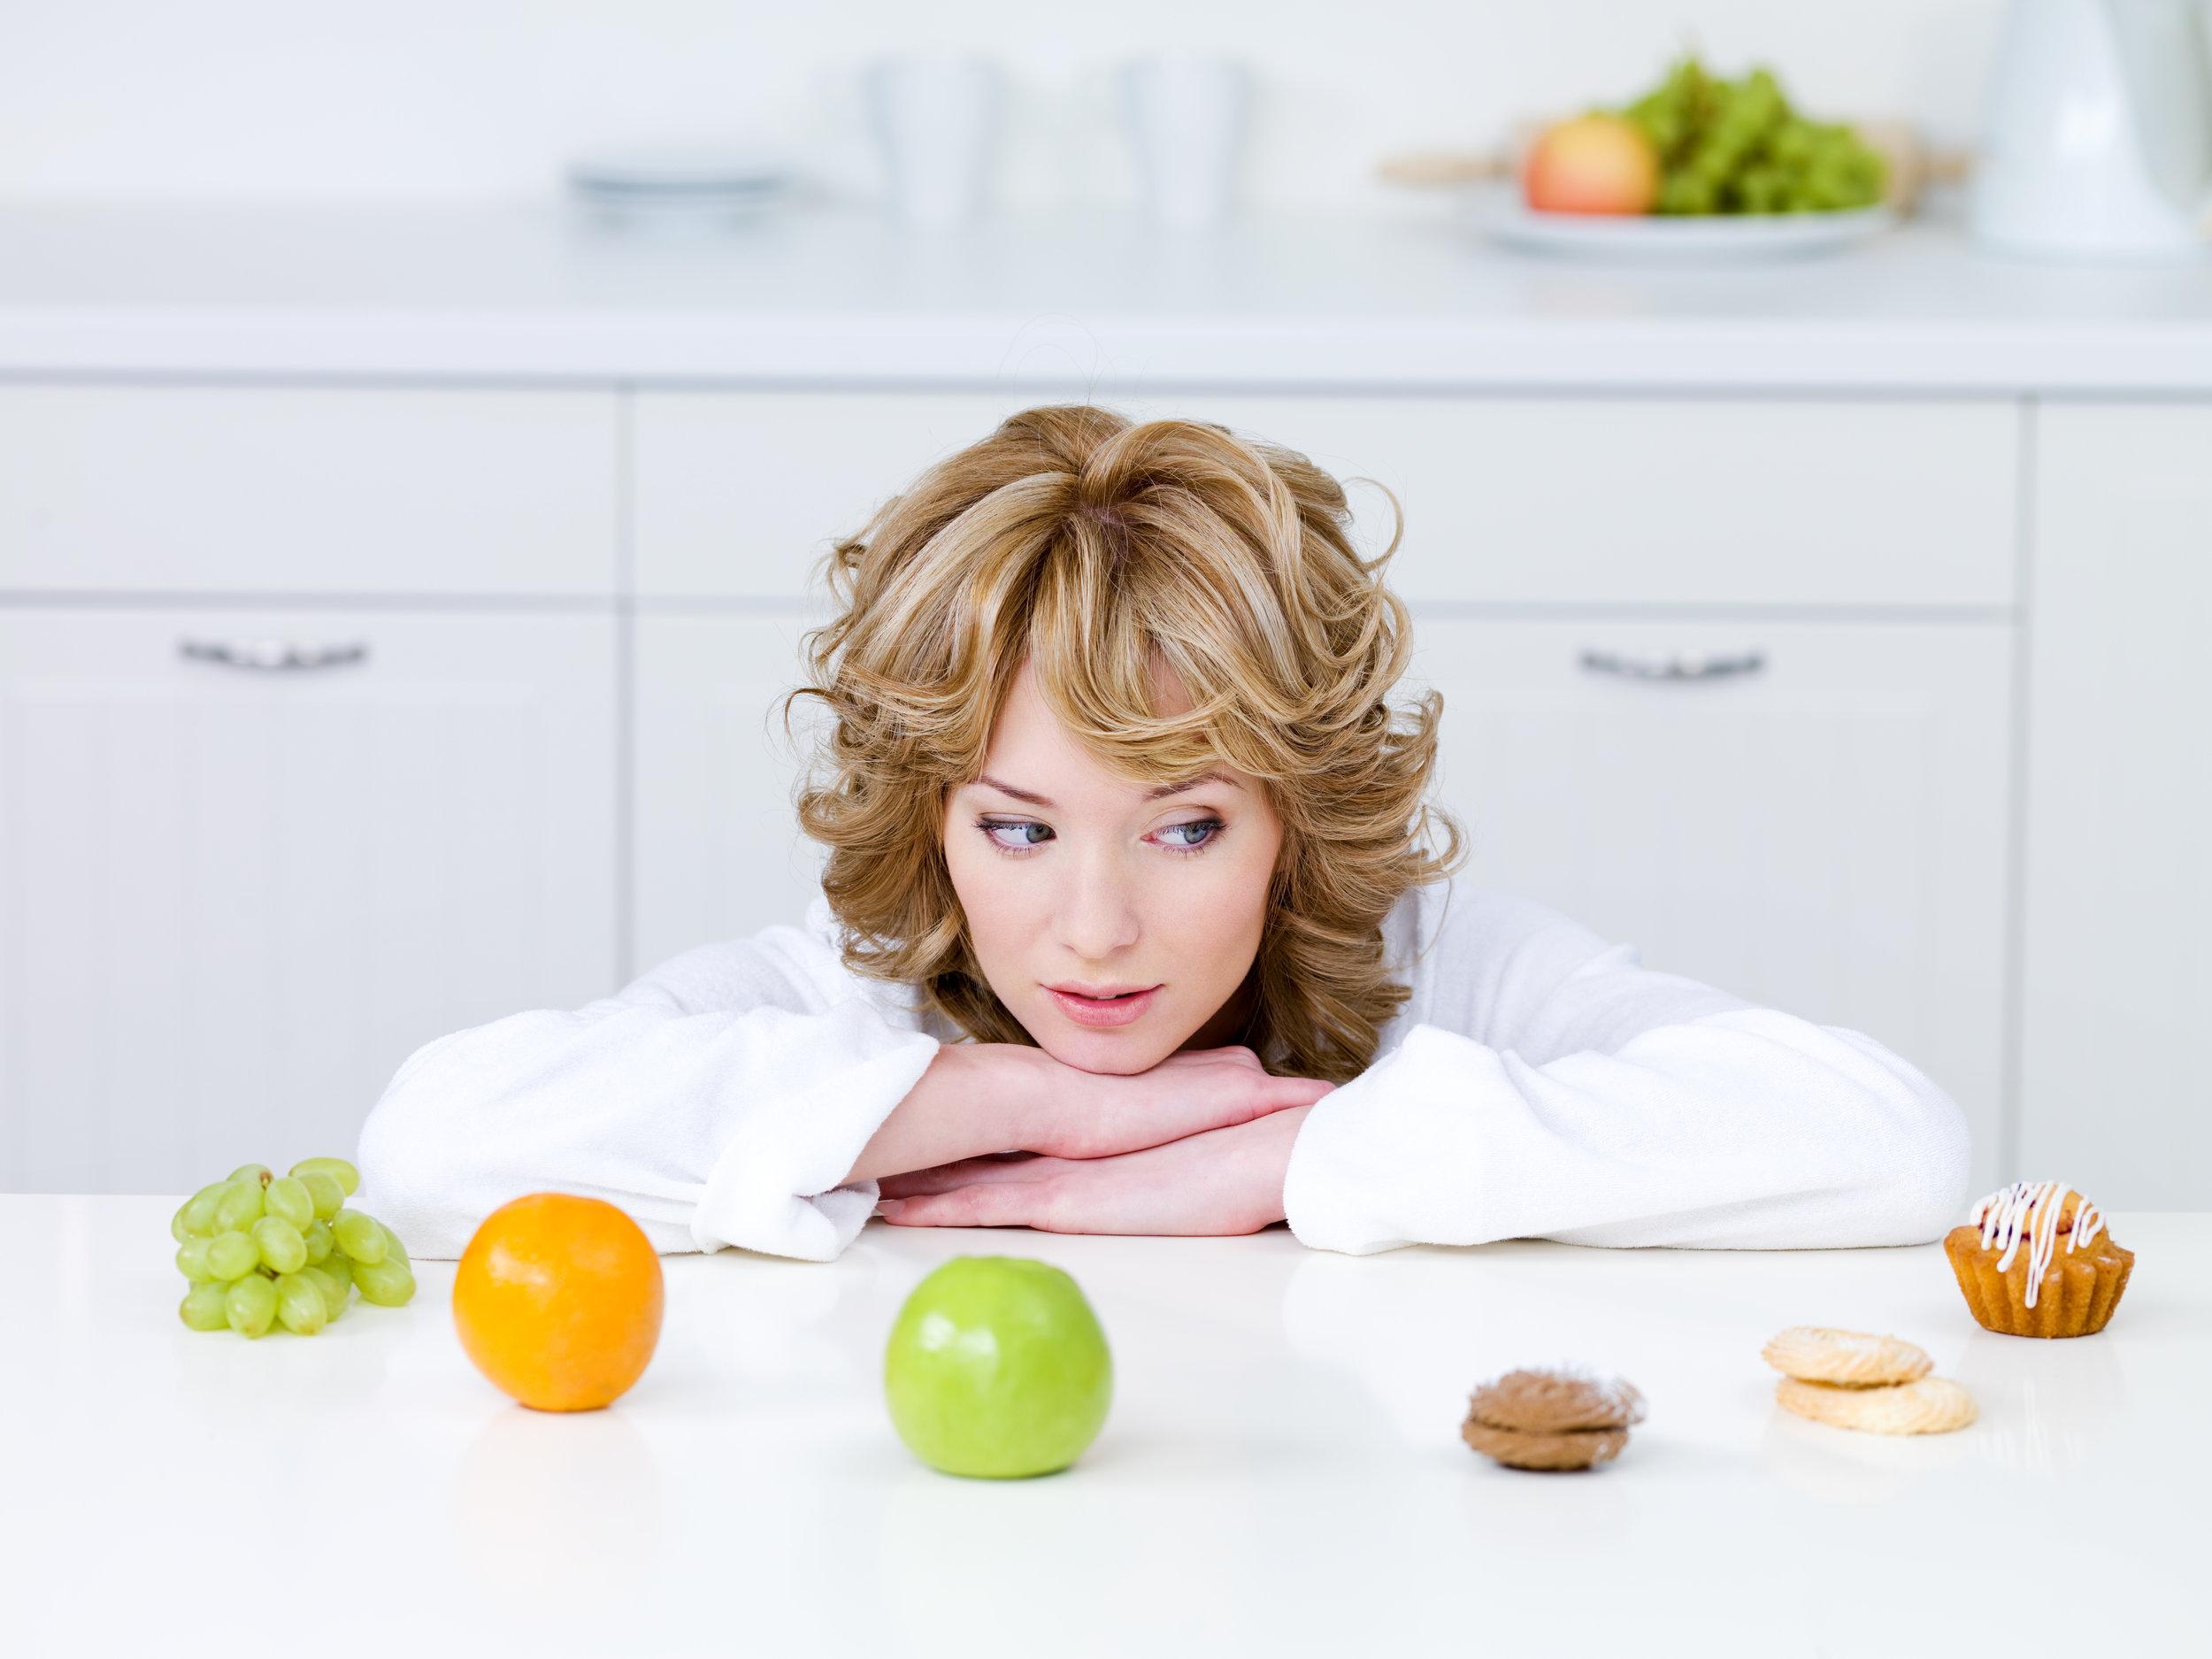 BWFS Image Woman Choosing junk food or fruit.jpg